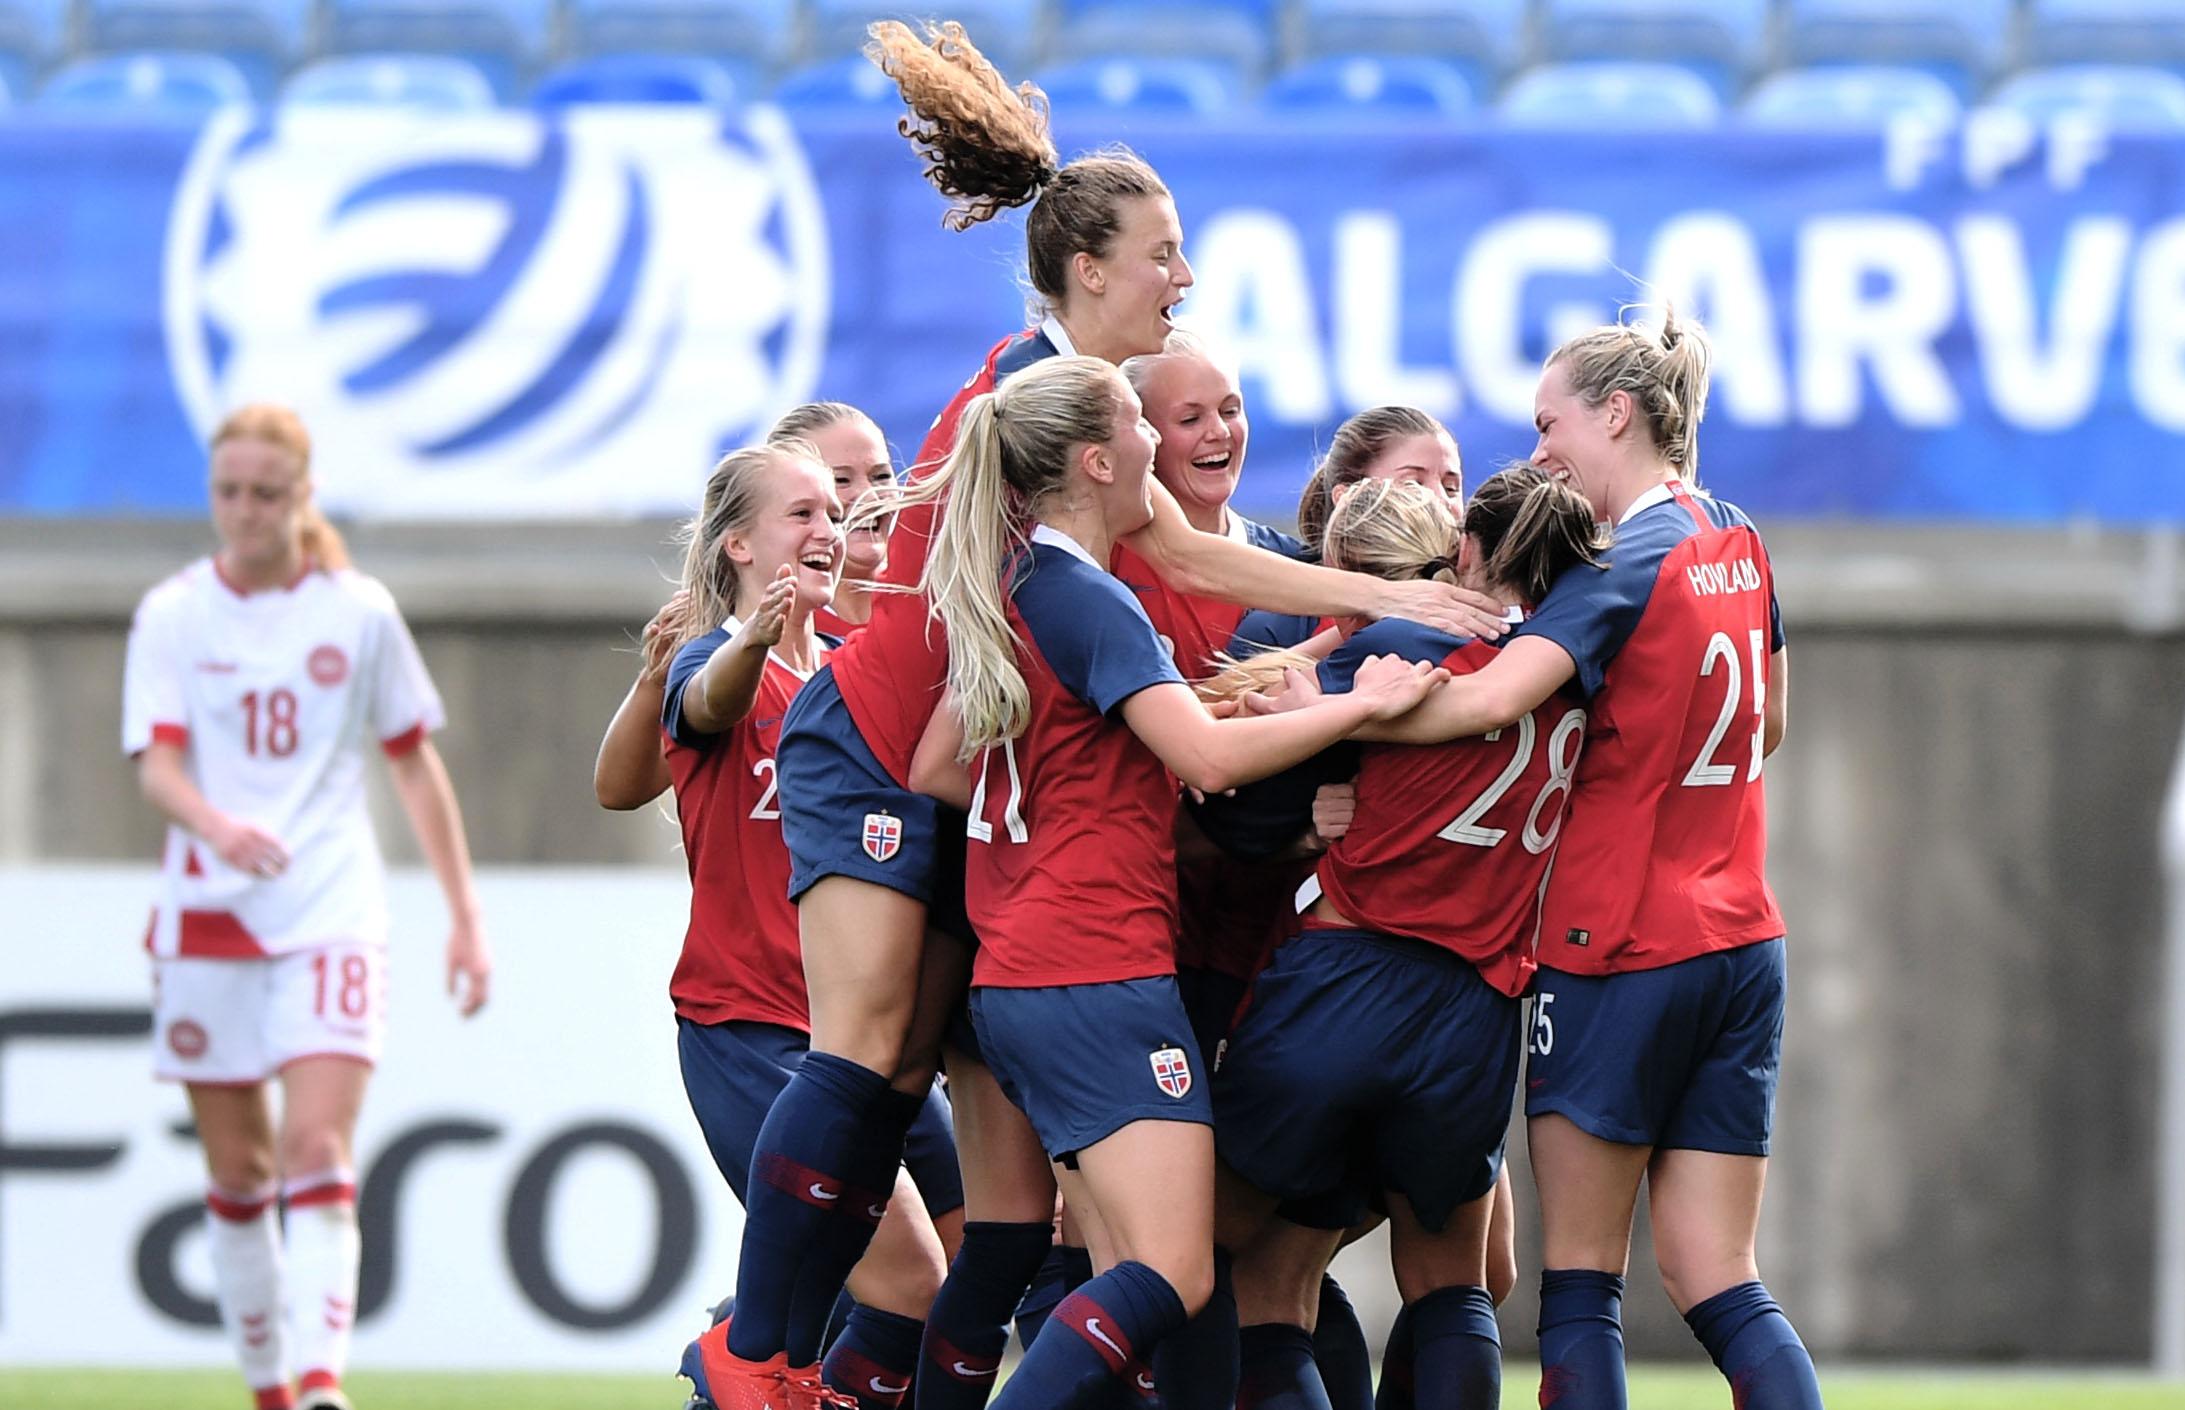 39d7fdaf Fotball-VM for kvinner 2019 og analyser | NordicBet